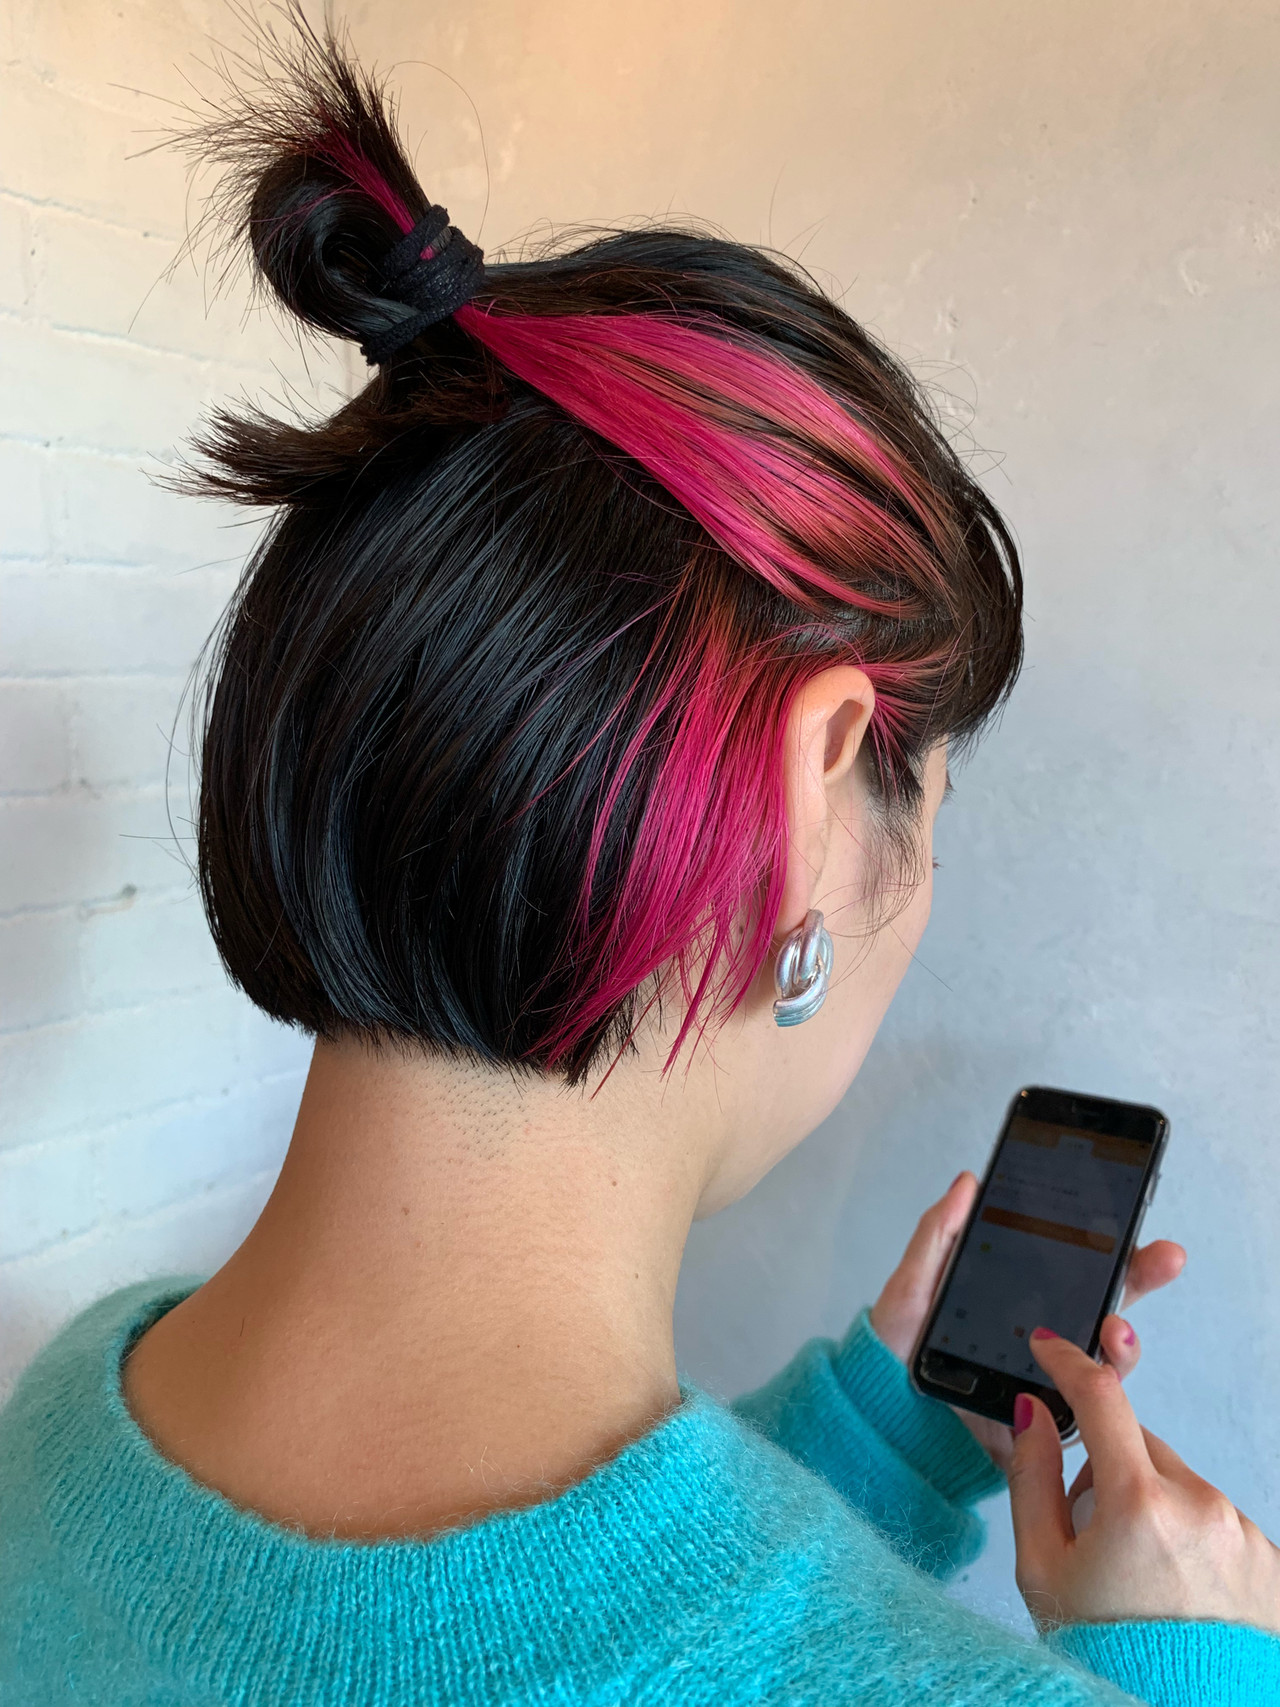 インナーカラー 切りっぱなし ボブ 簡単ヘアアレンジ ヘアスタイルや髪型の写真・画像